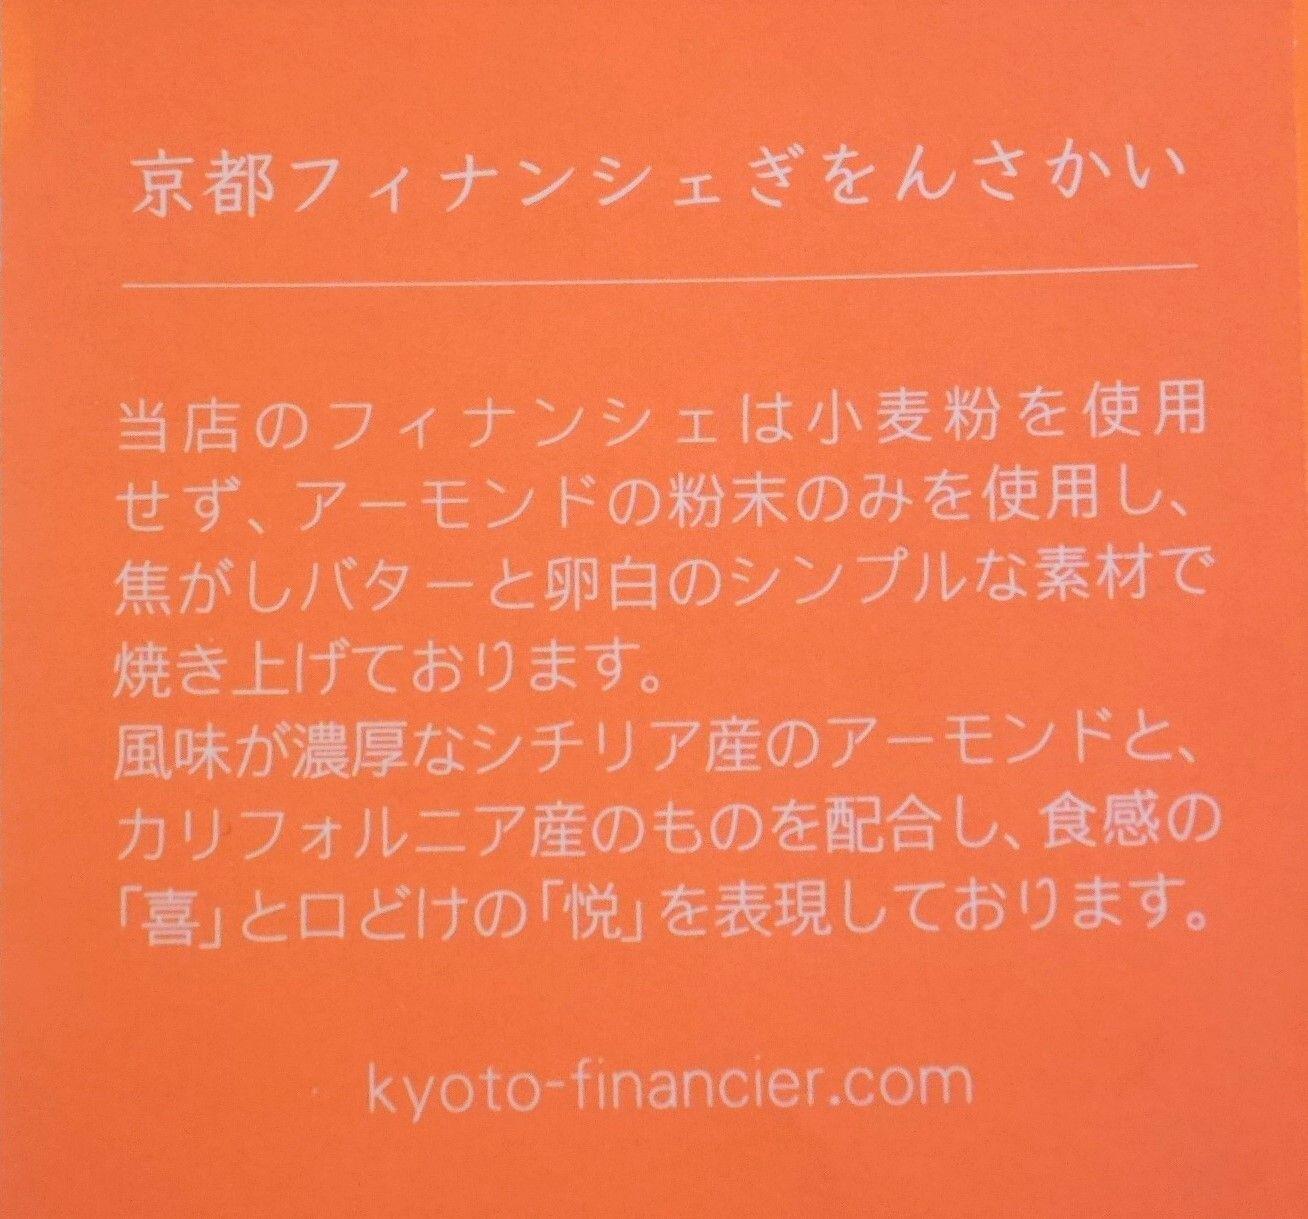 京都フィナンシェ_説明